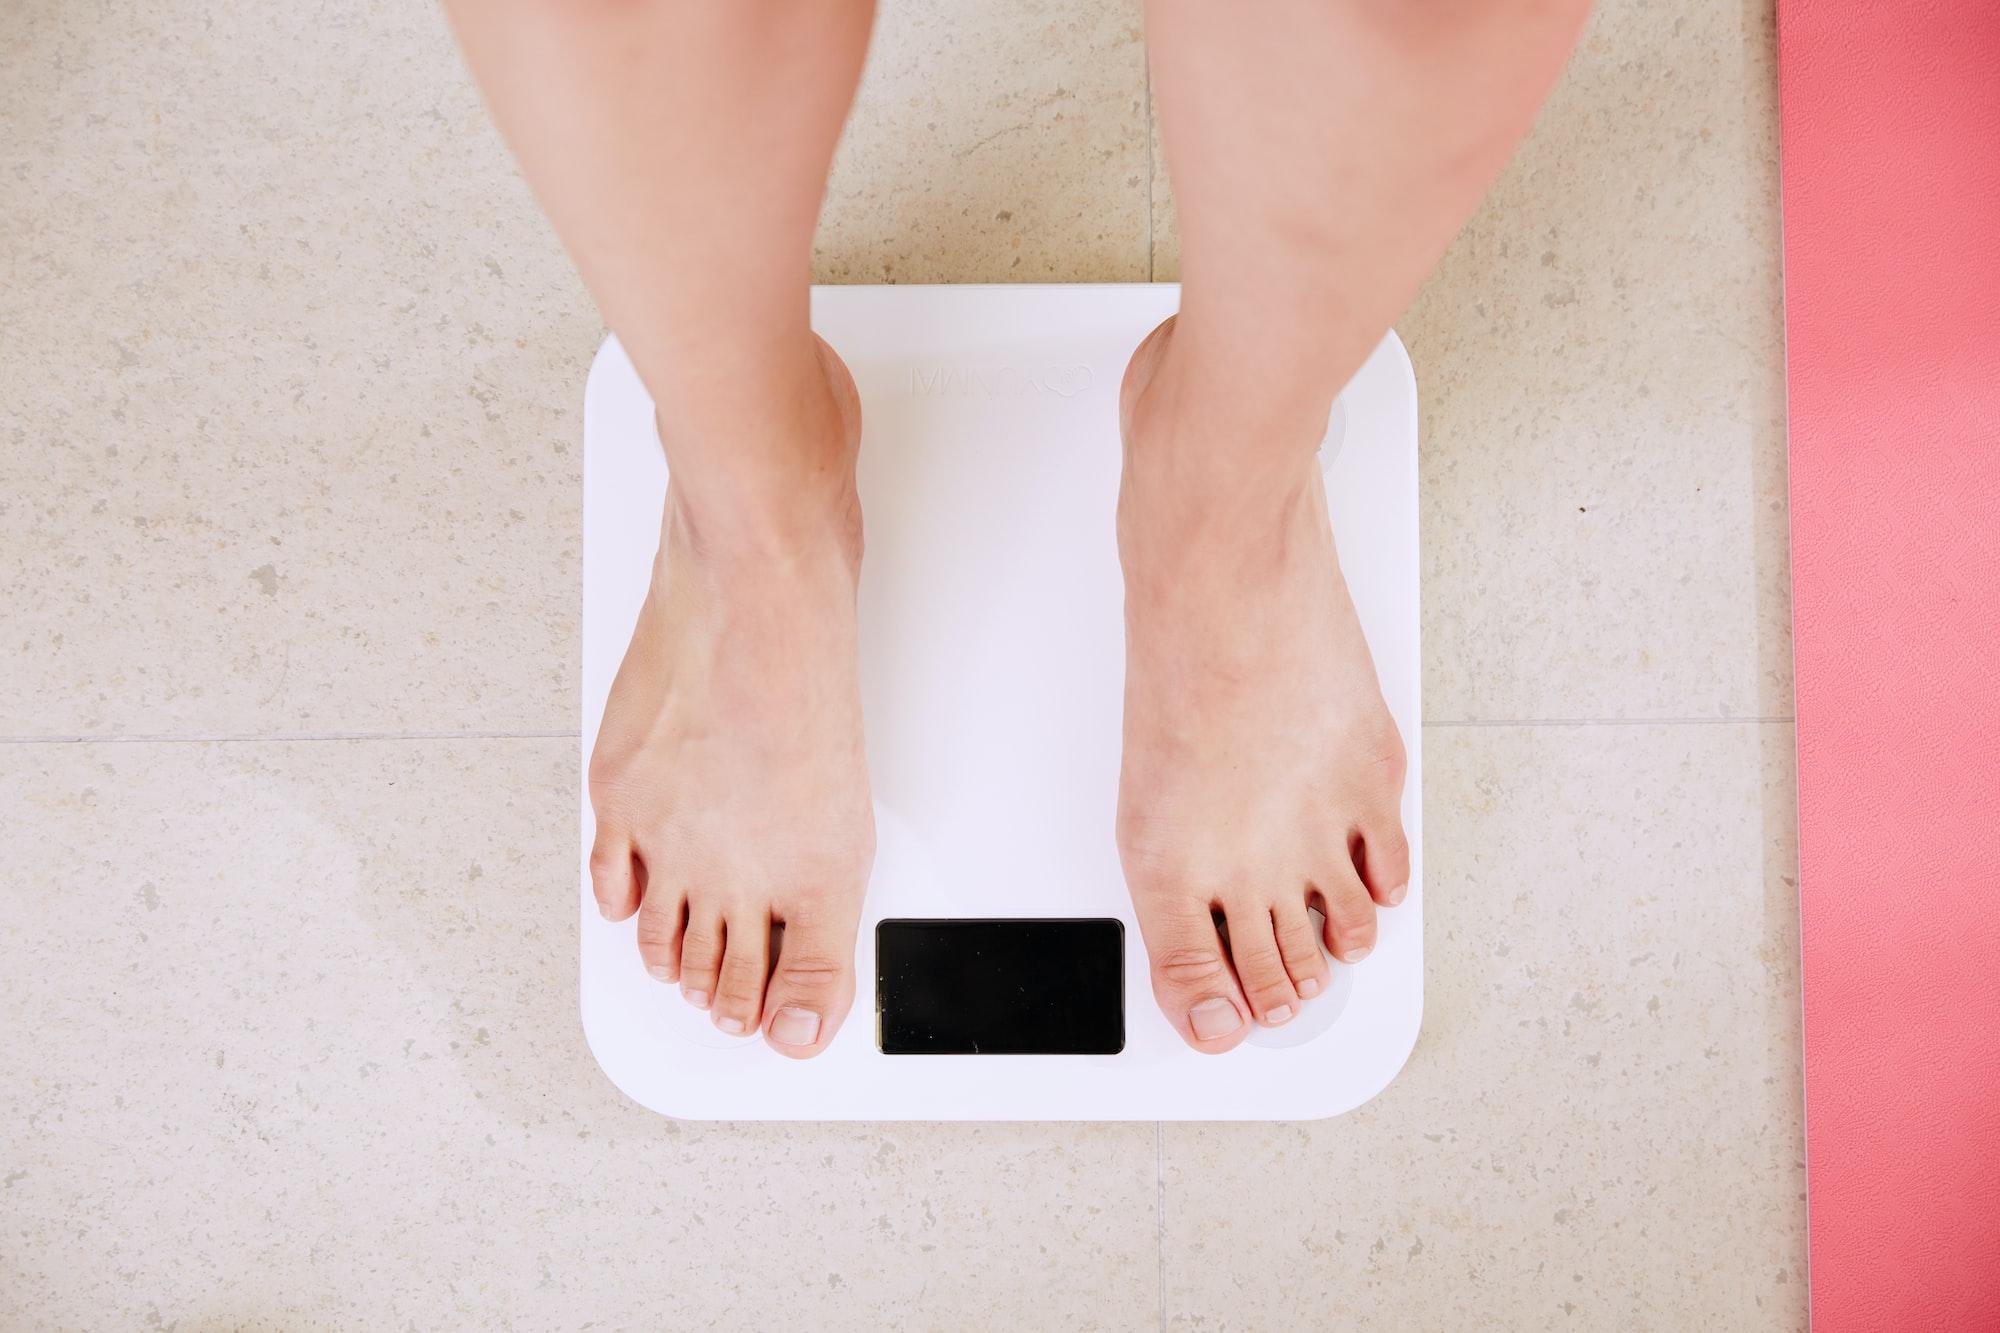 cum să-l faci să slăbească distribuitorii de pierdere în greutate au dorit